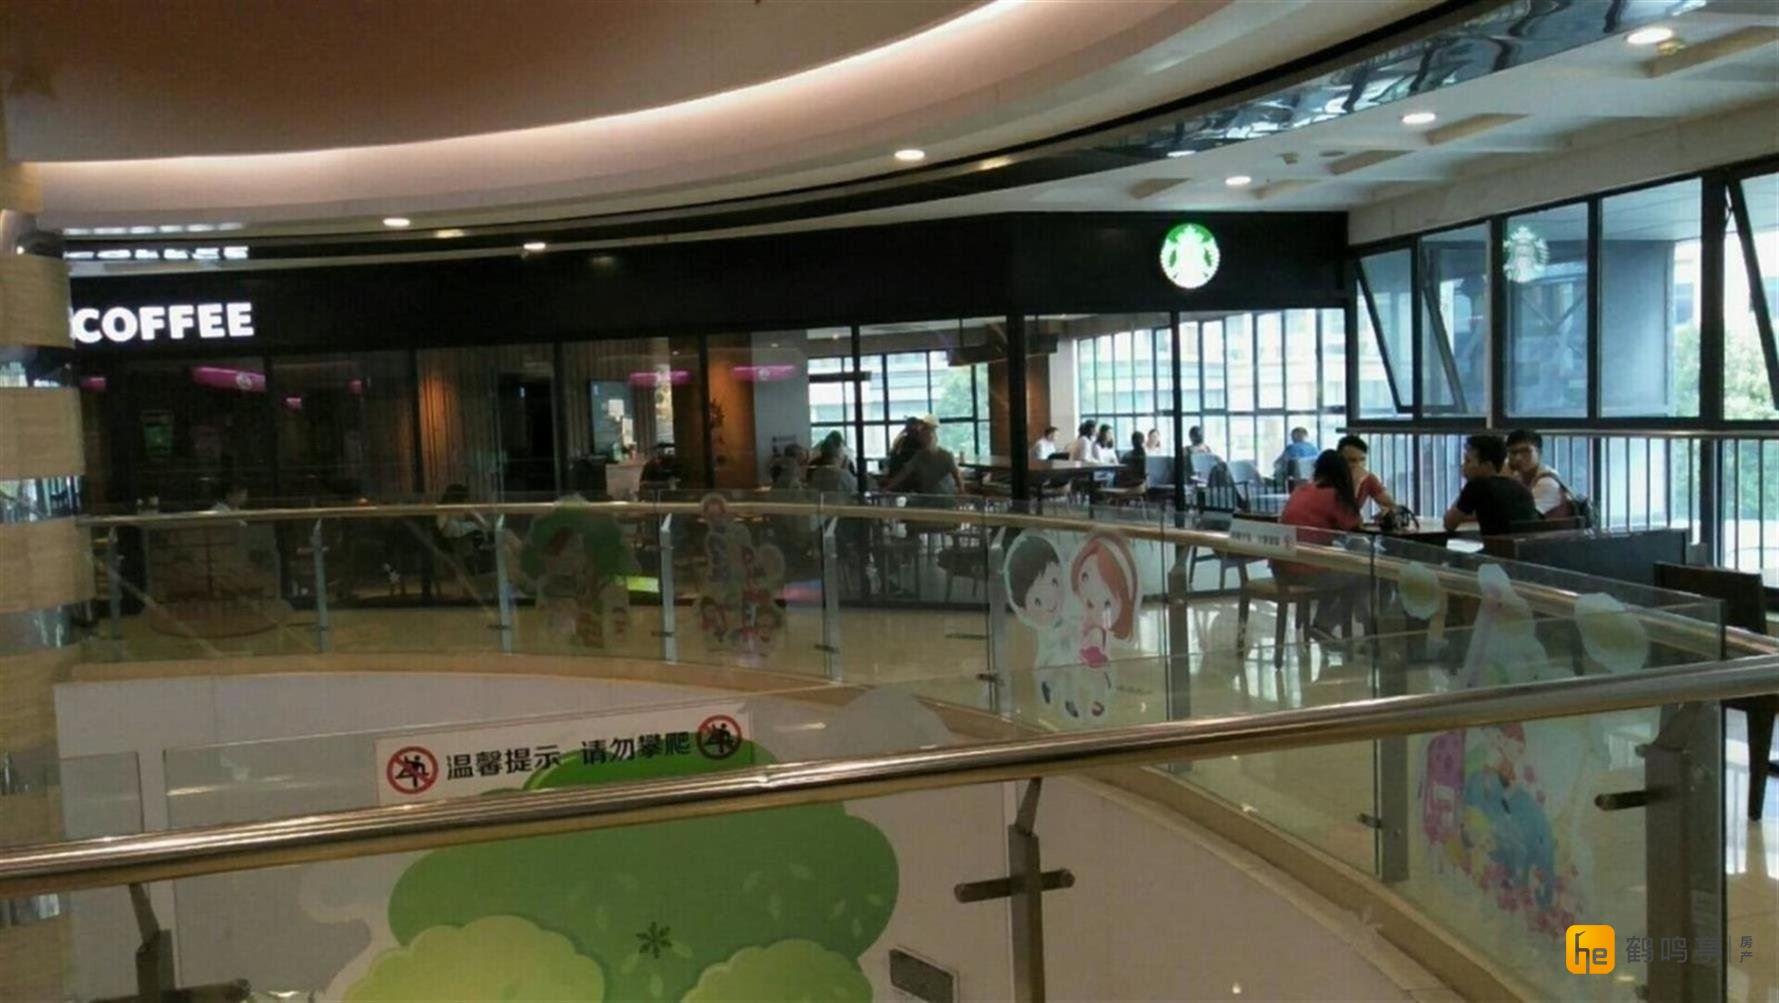 五洲国际铺王 沿街自带星巴克 必胜客租户 年收入点8